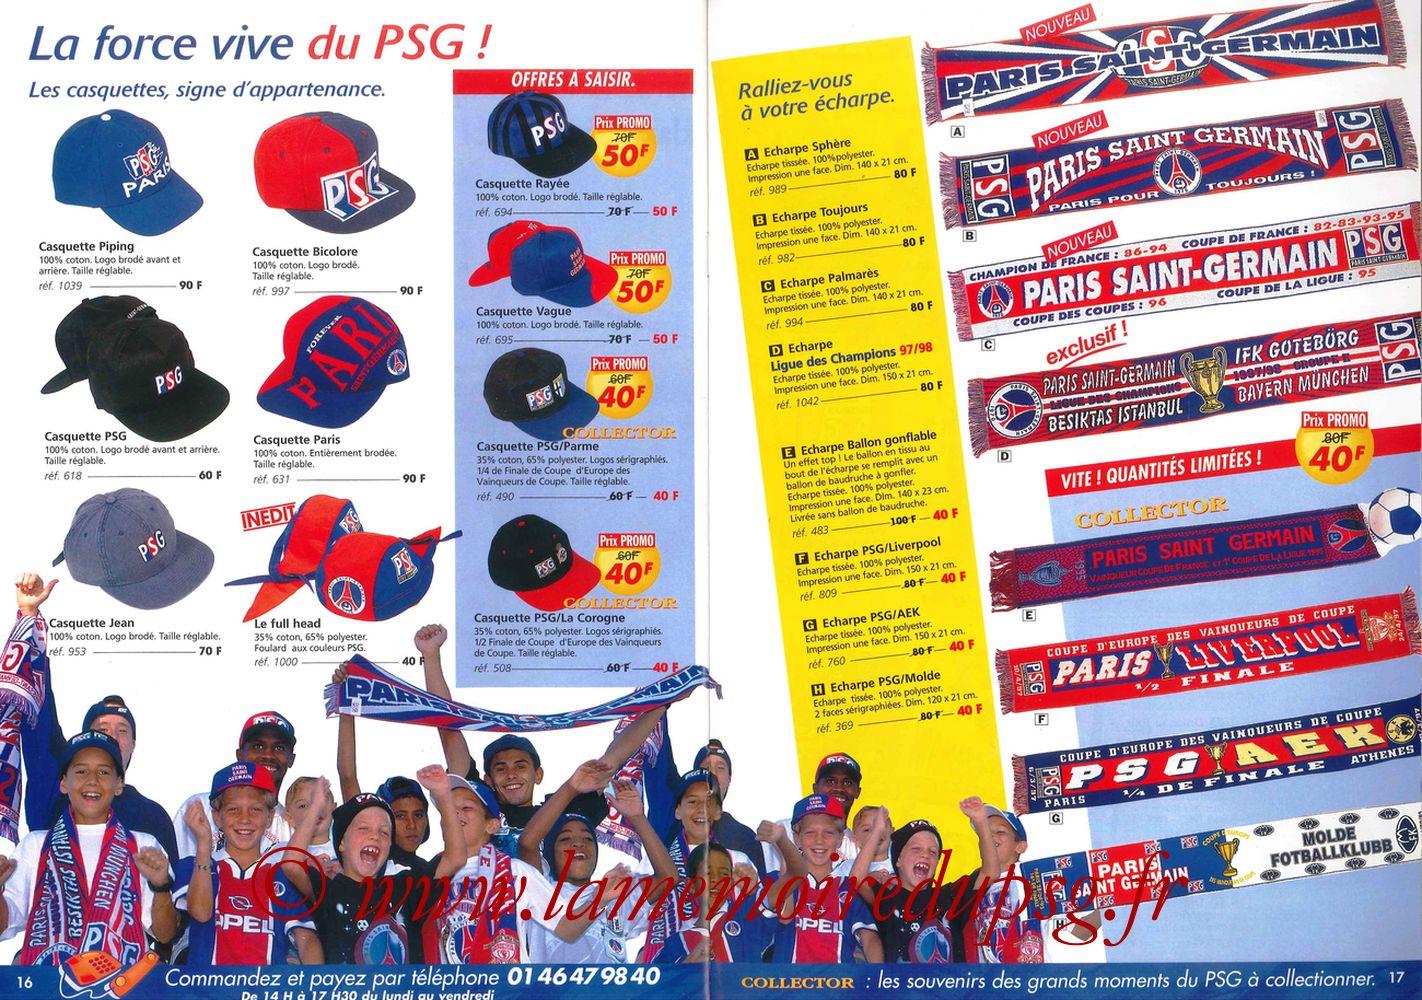 Catalogue PSG - 1997-98 - Pages 16 et 17